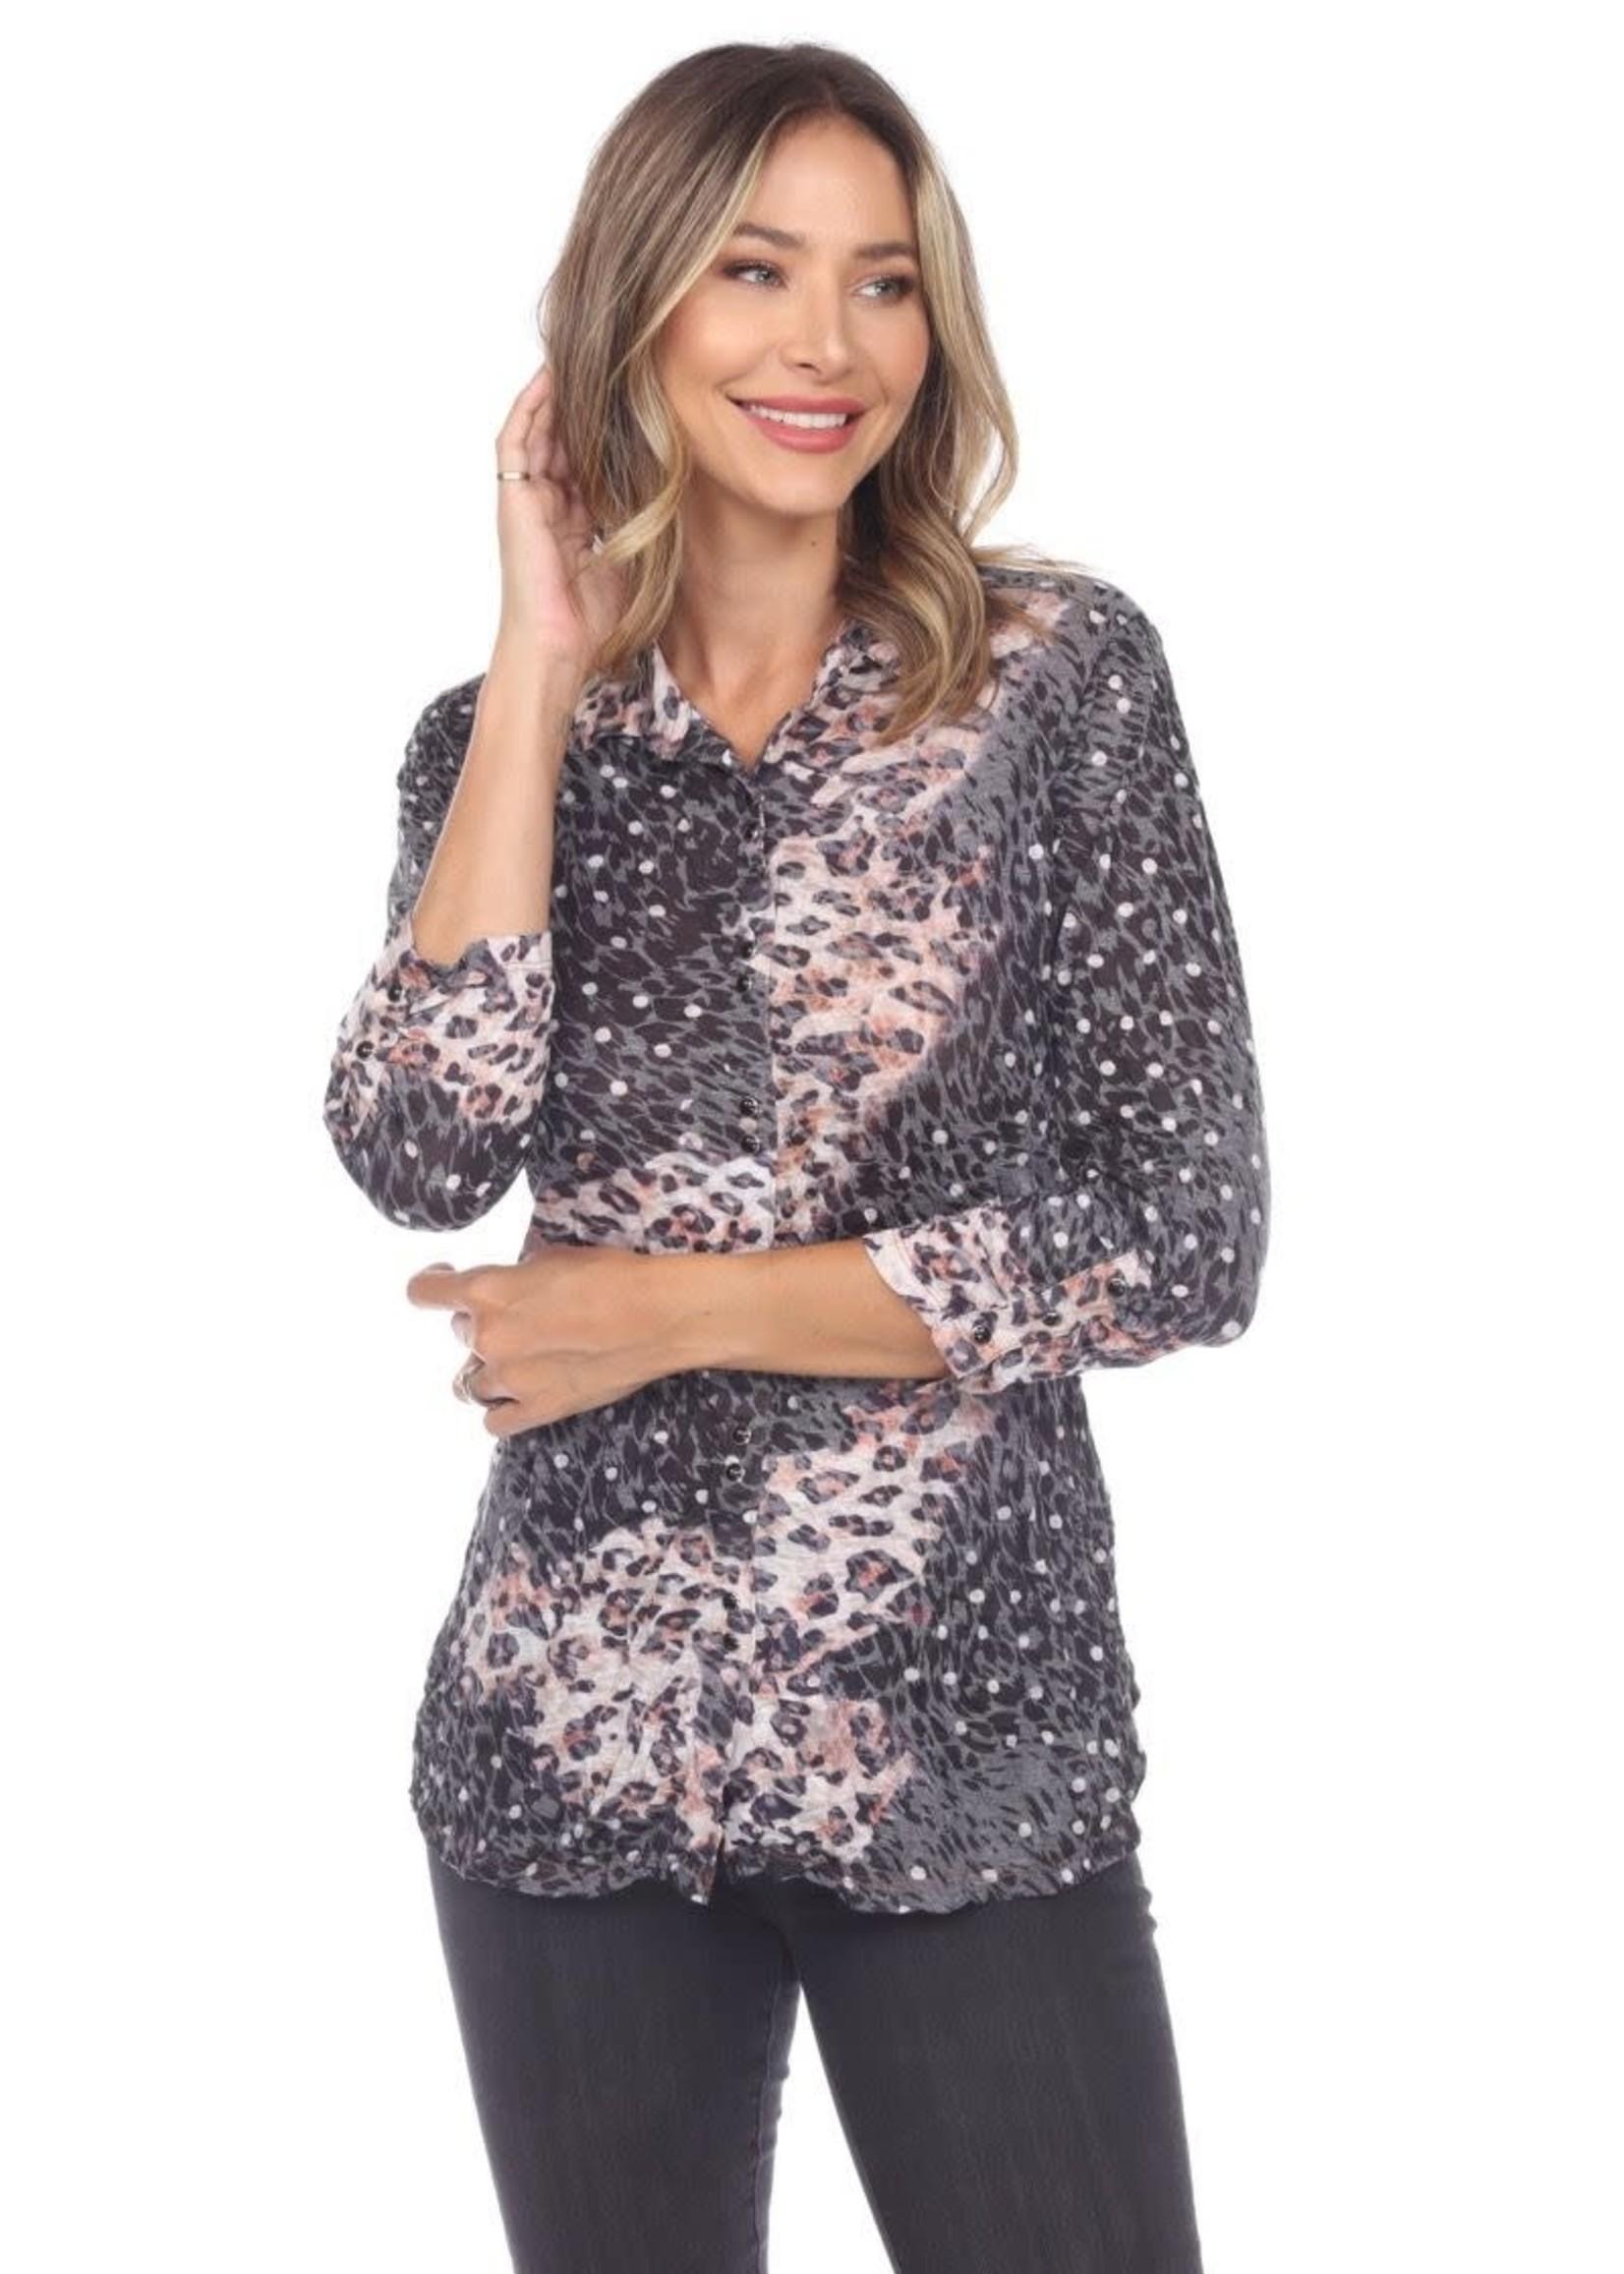 Carine CI - Sabrina Shirt